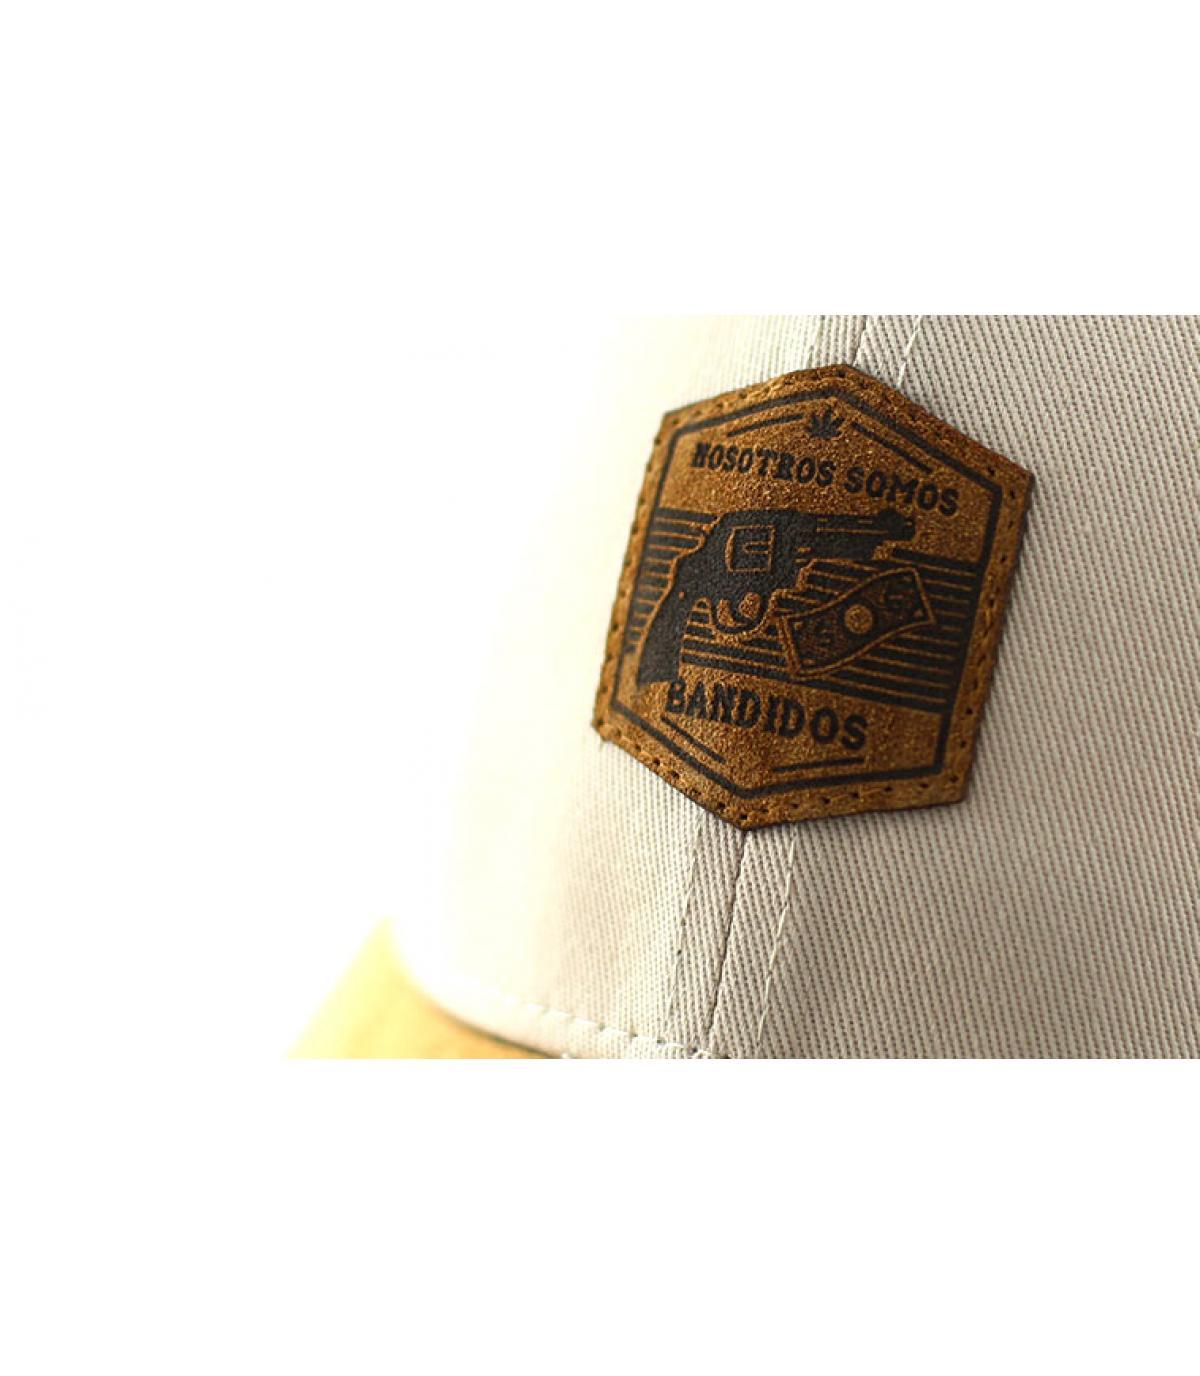 Détails Curve Bandidos beige suede - image 3